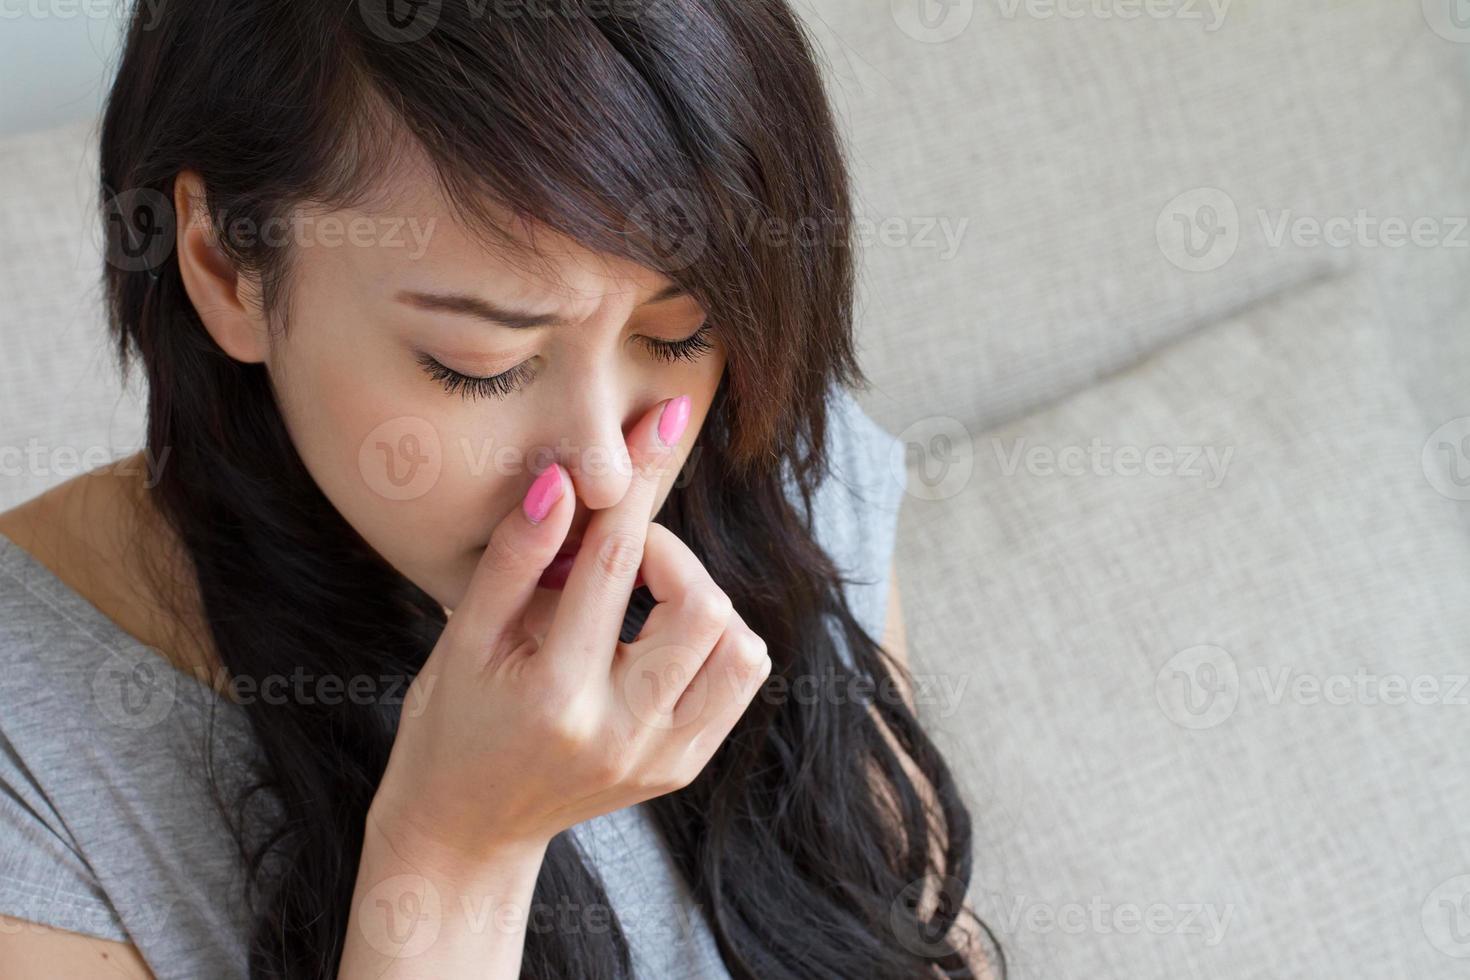 femme malade souffre de grippe, froid, nez qui coule, caucasien asiatique photo